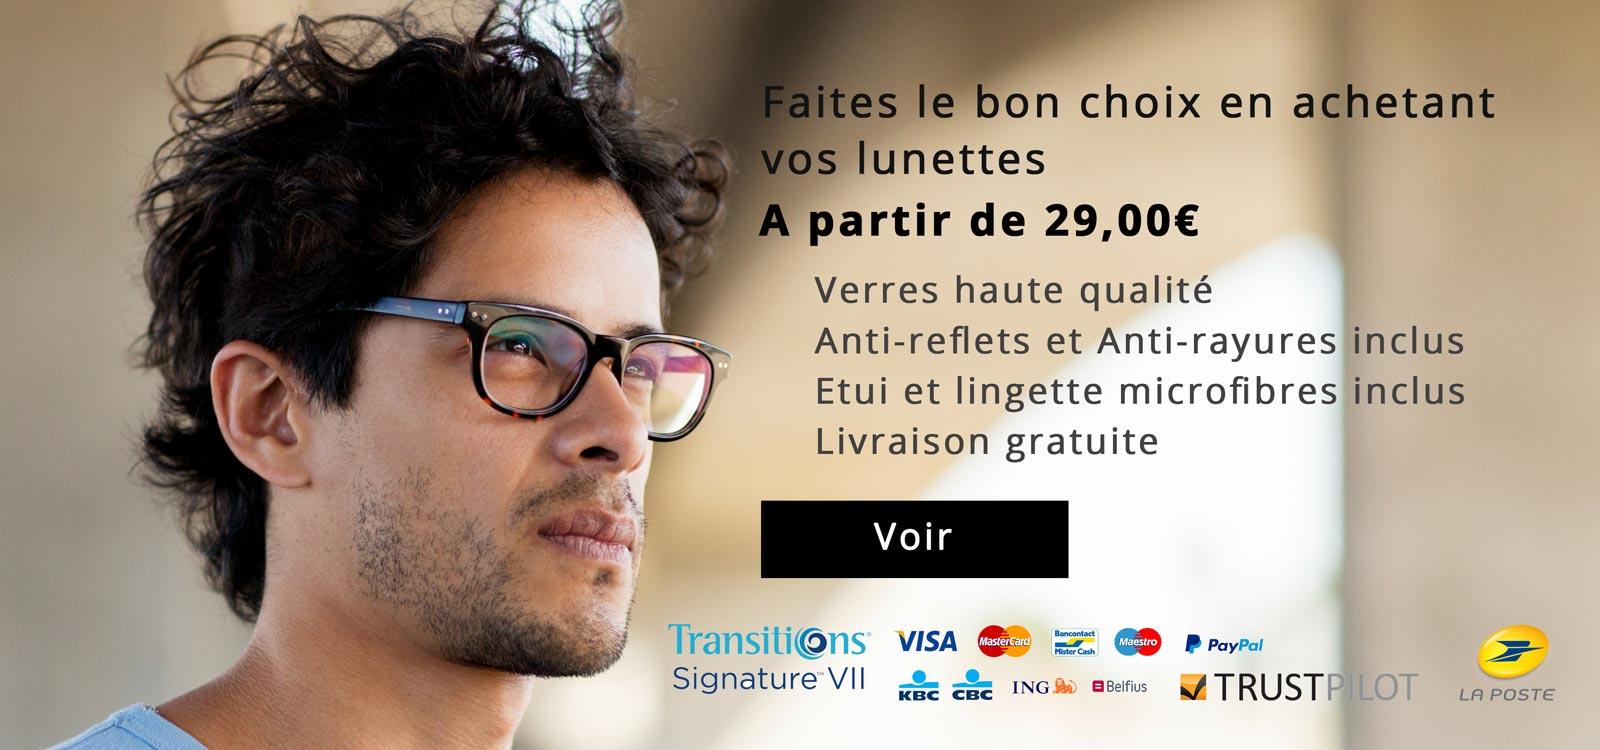 VLUNETTES: Faites le bon choix en achetant vos lunettes